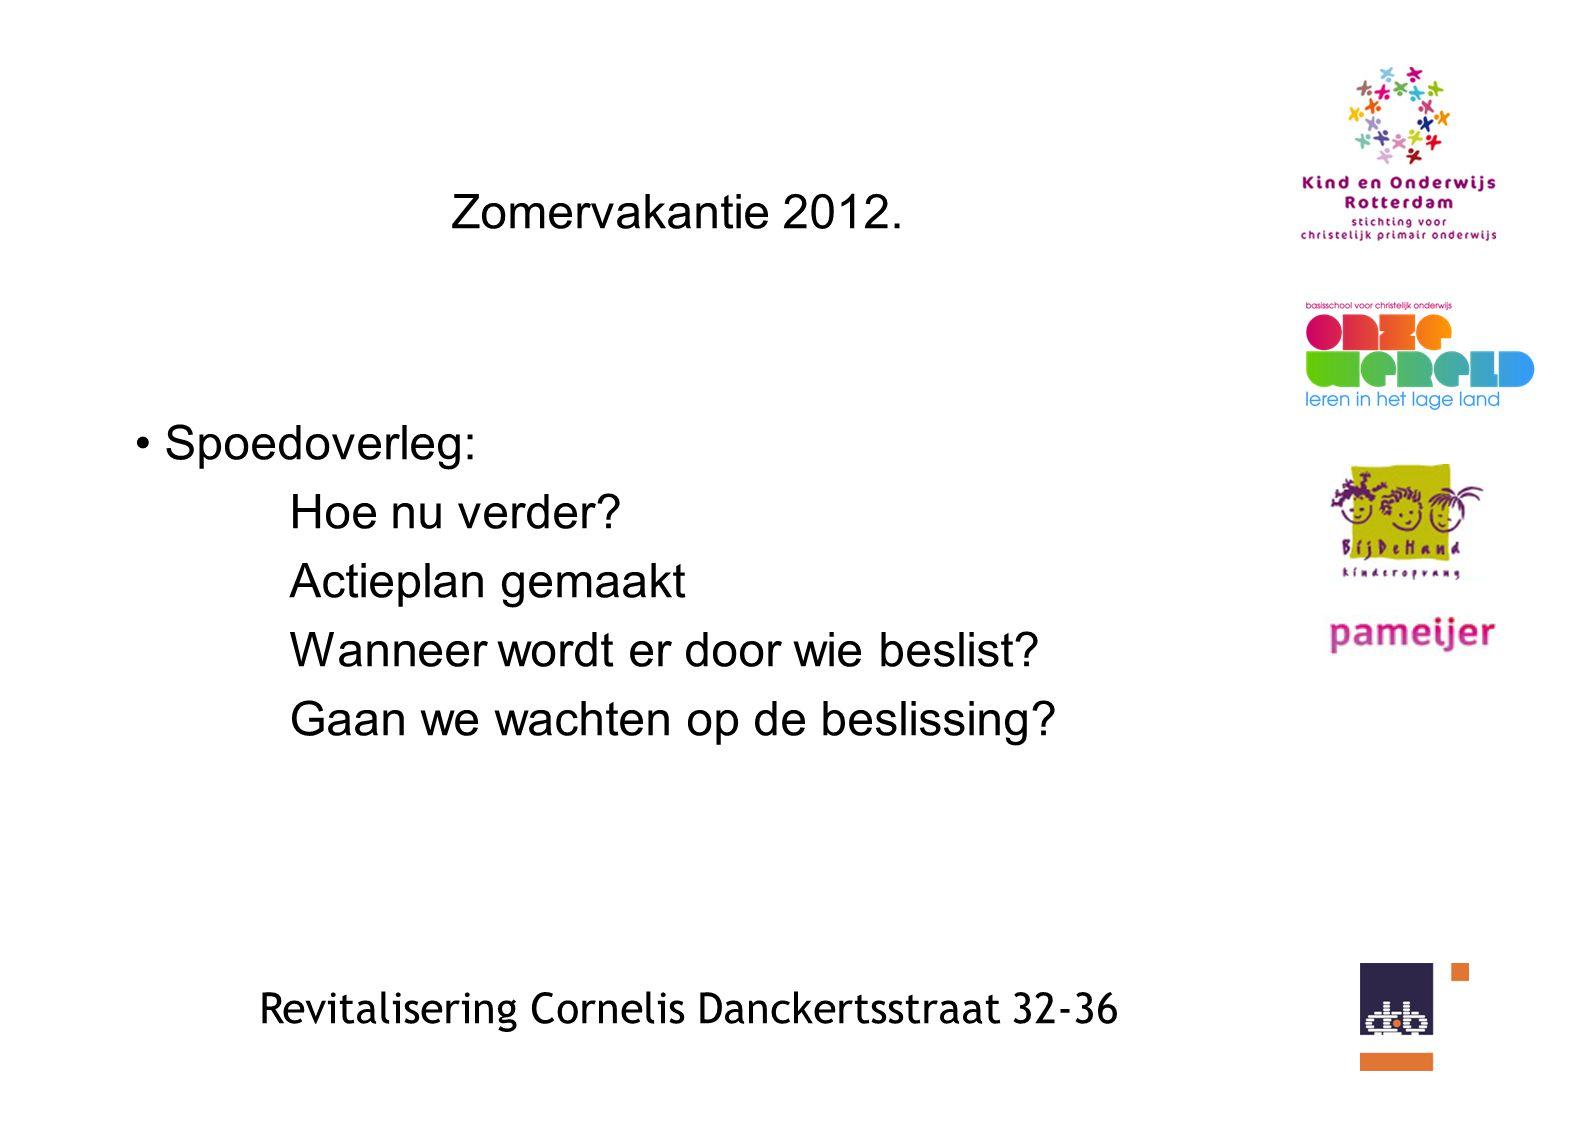 Revitalisering Cornelis Danckertsstraat 32-36 Zomervakantie 2012.